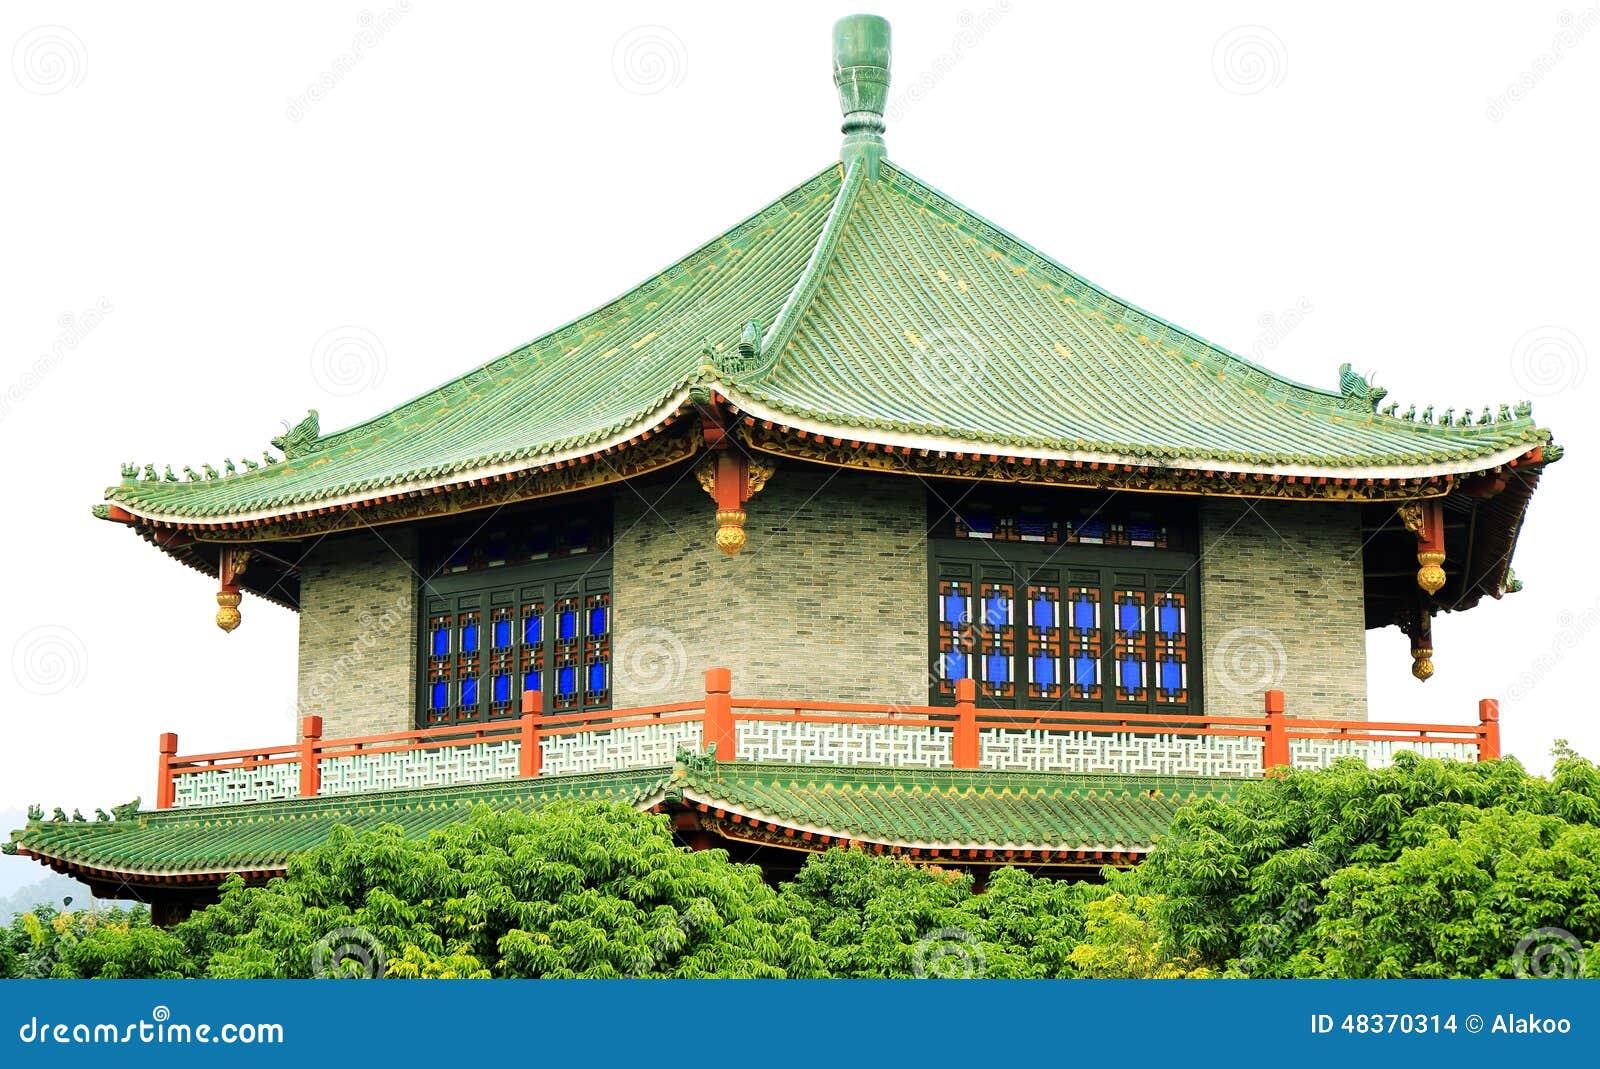 Hus för traditionell kines i den forntida kinesträdgården, östlig asiatisk klassisk byggnad i Kina